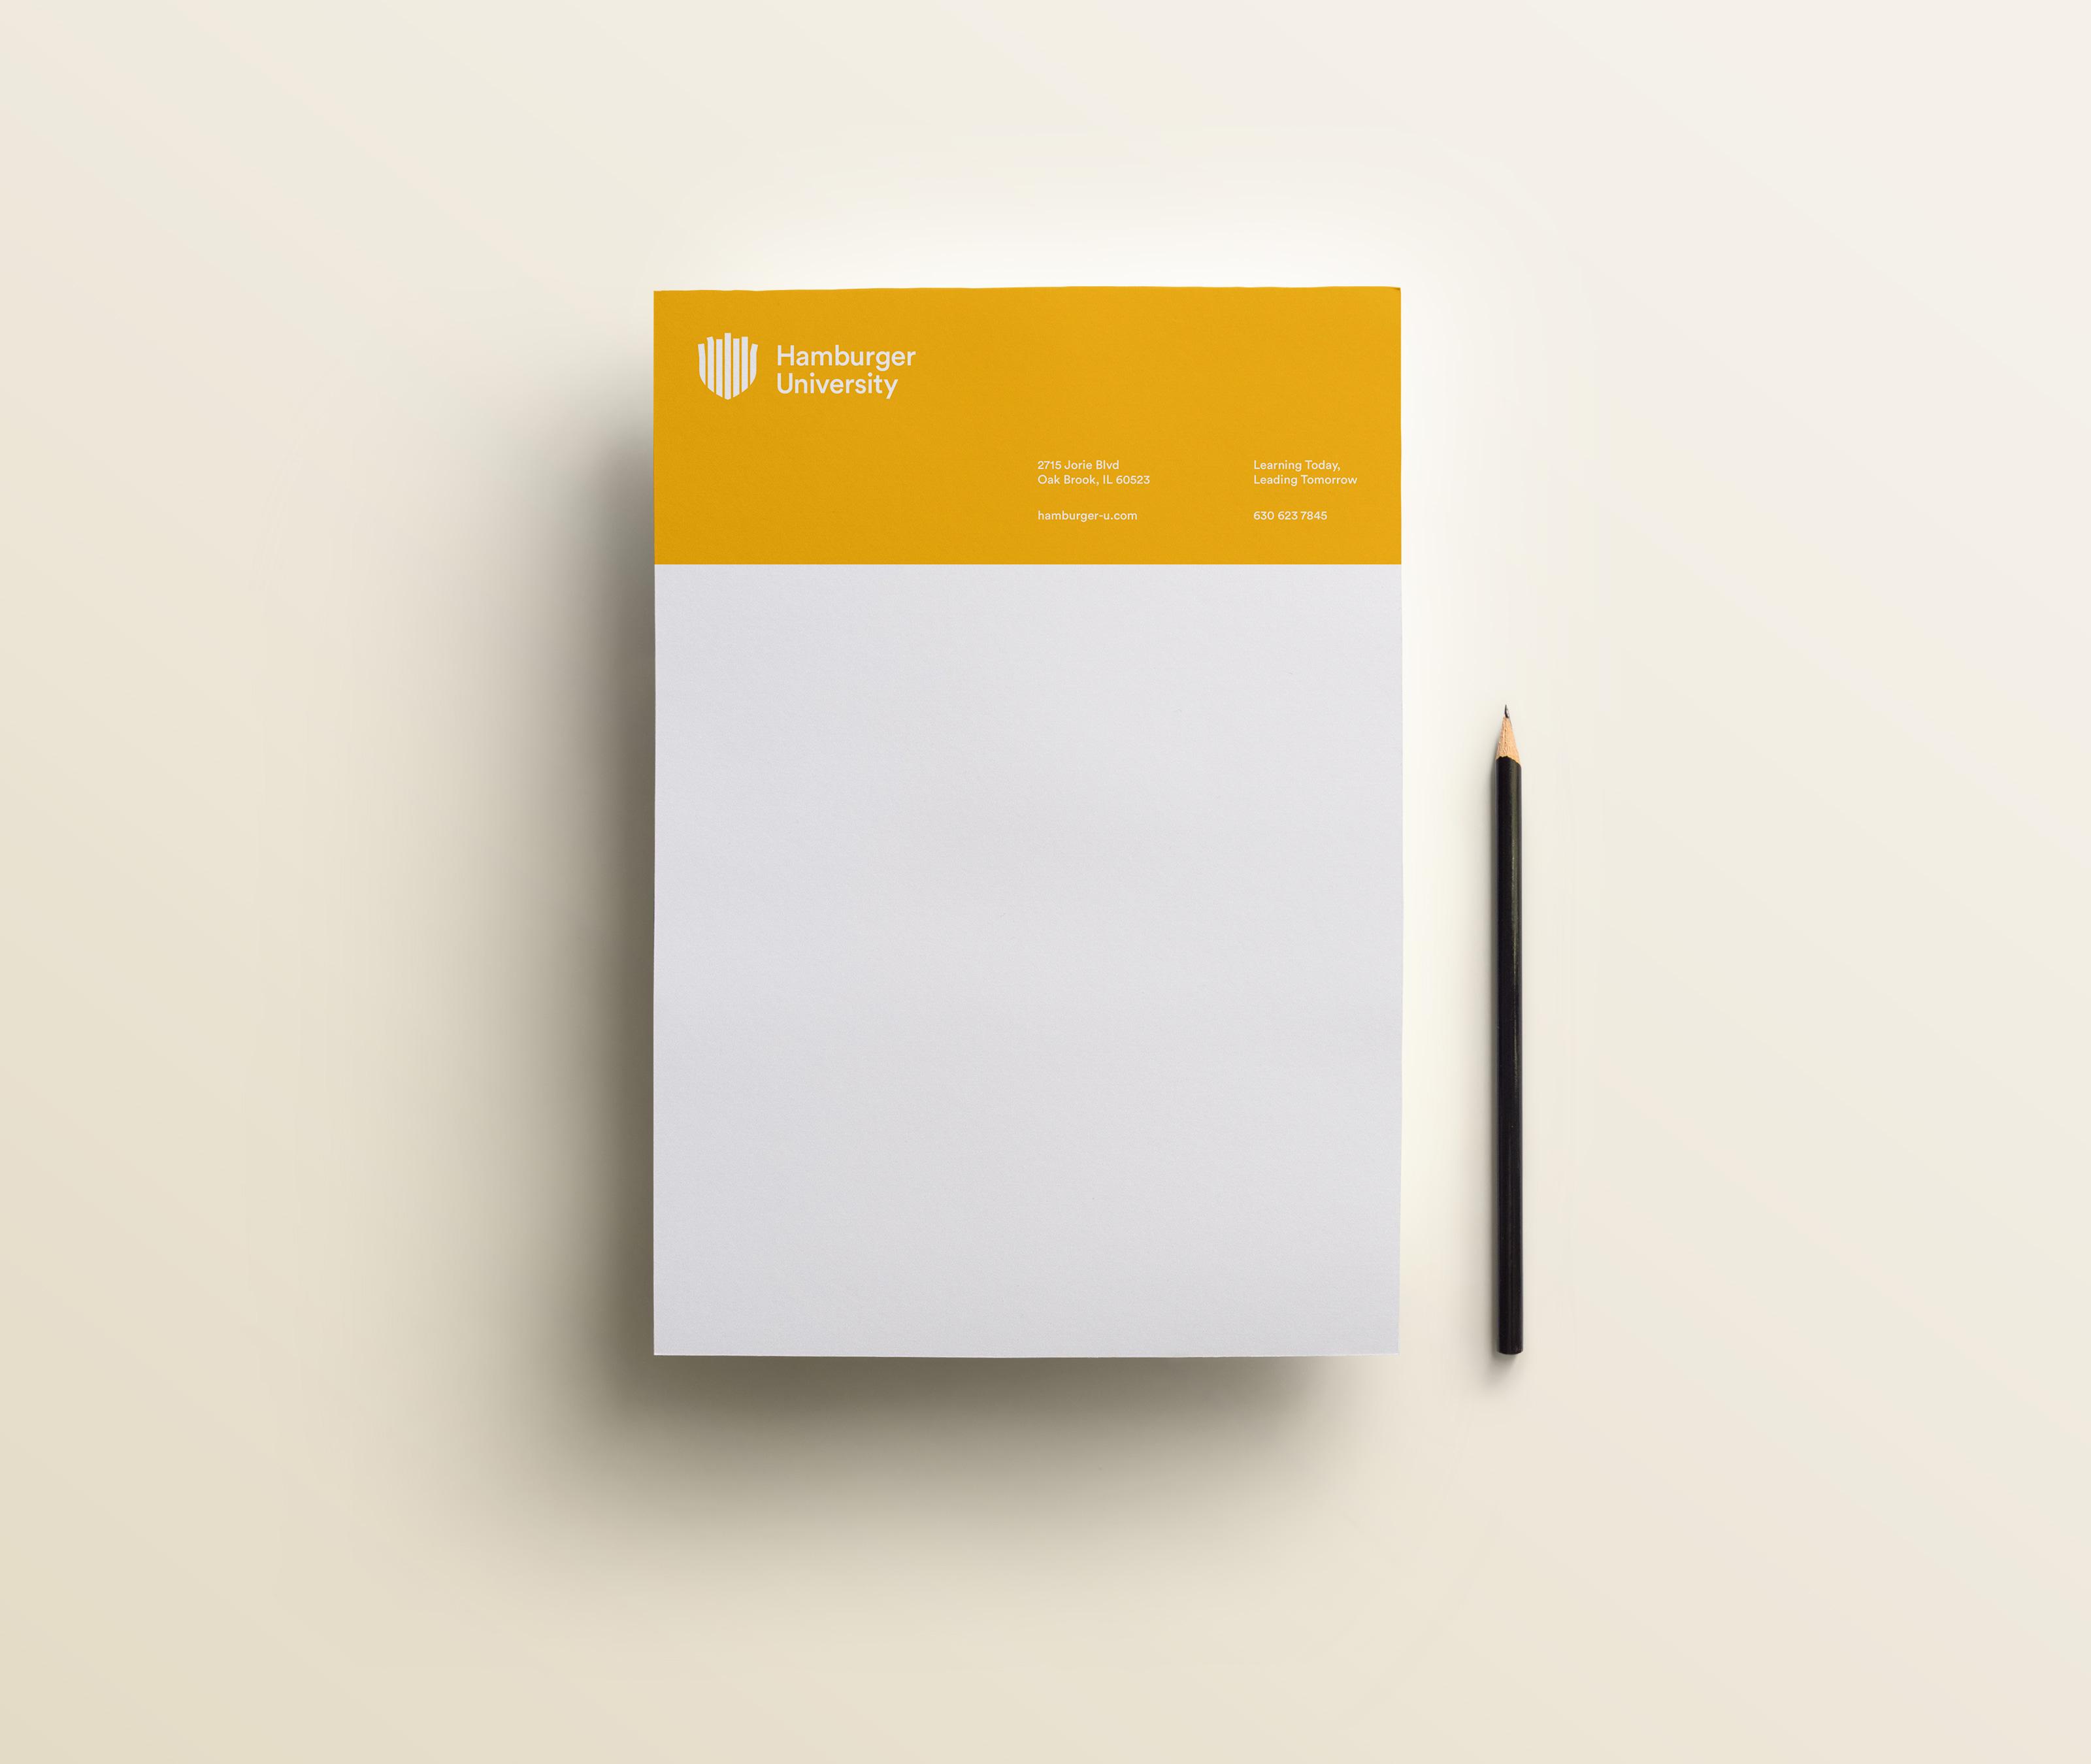 HamburgerU_letterhead